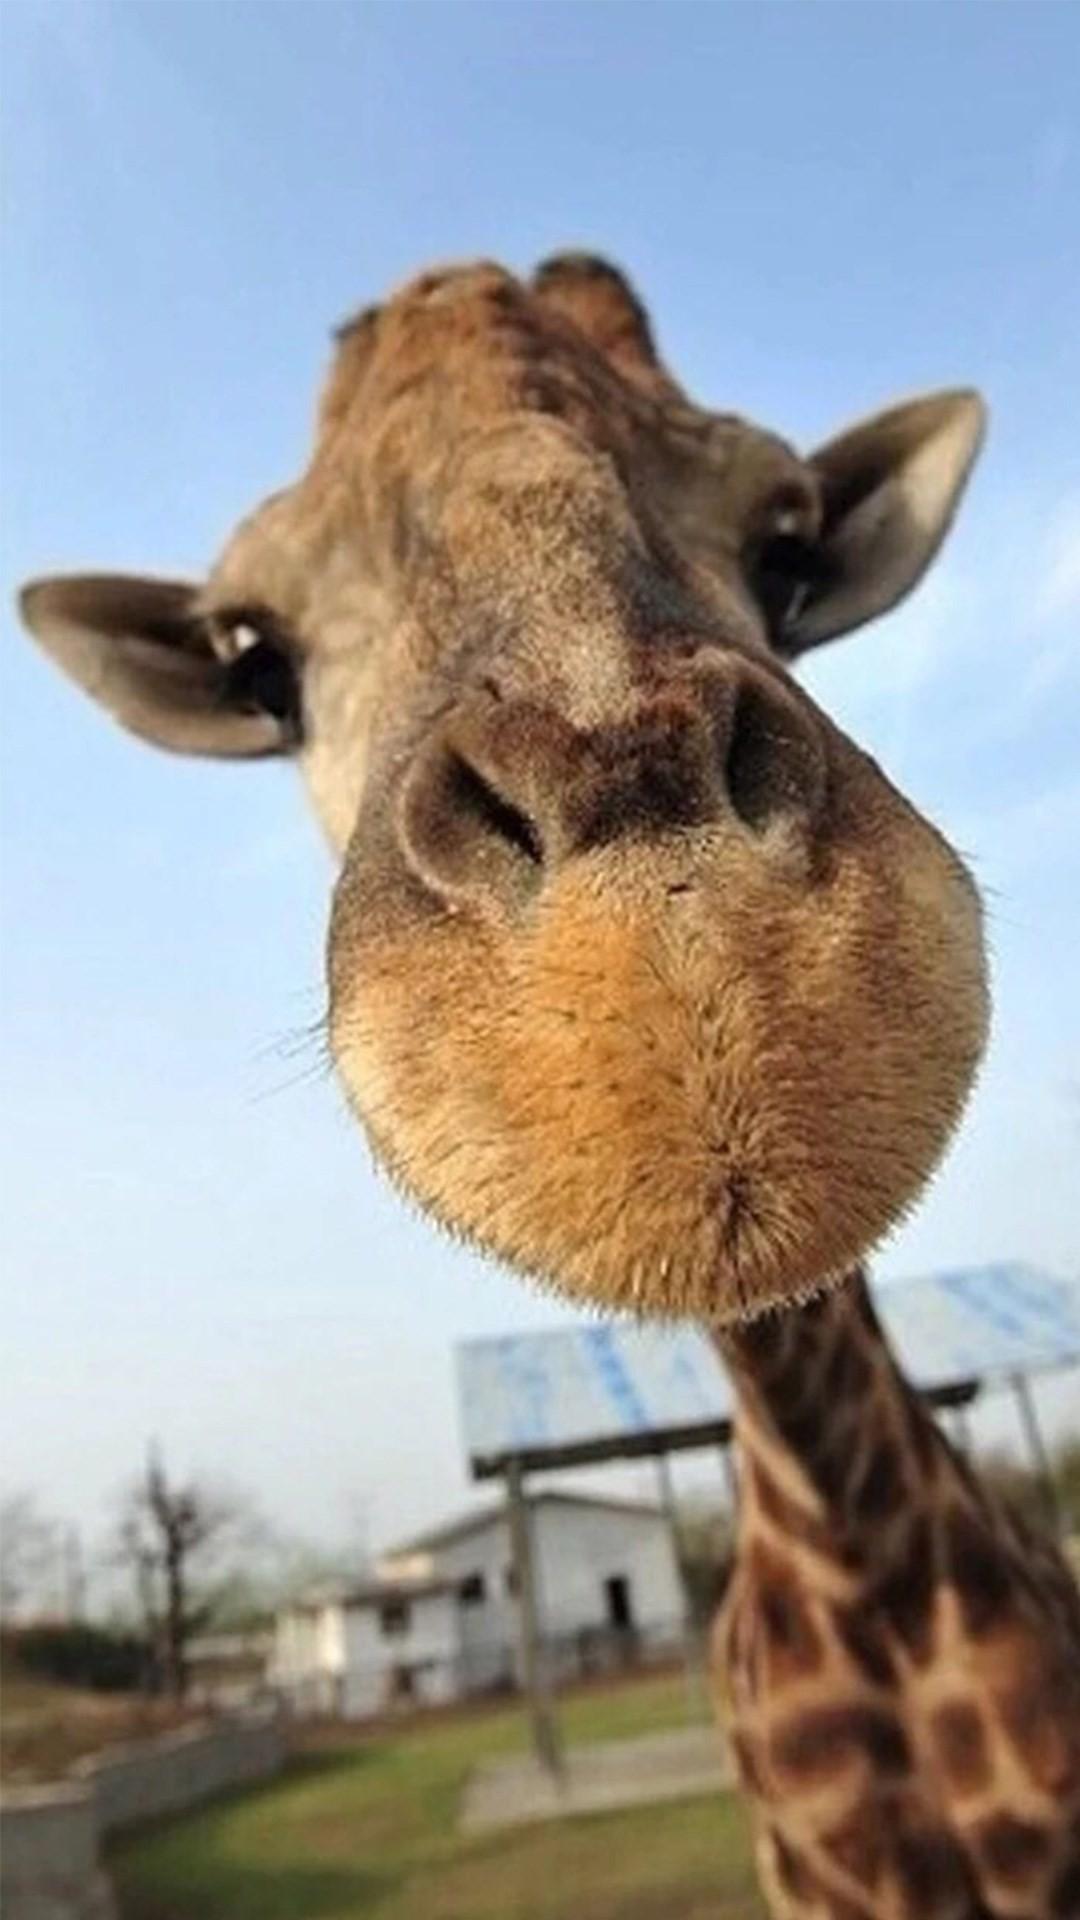 Cute Giraffe Wallpaper (62+ Images